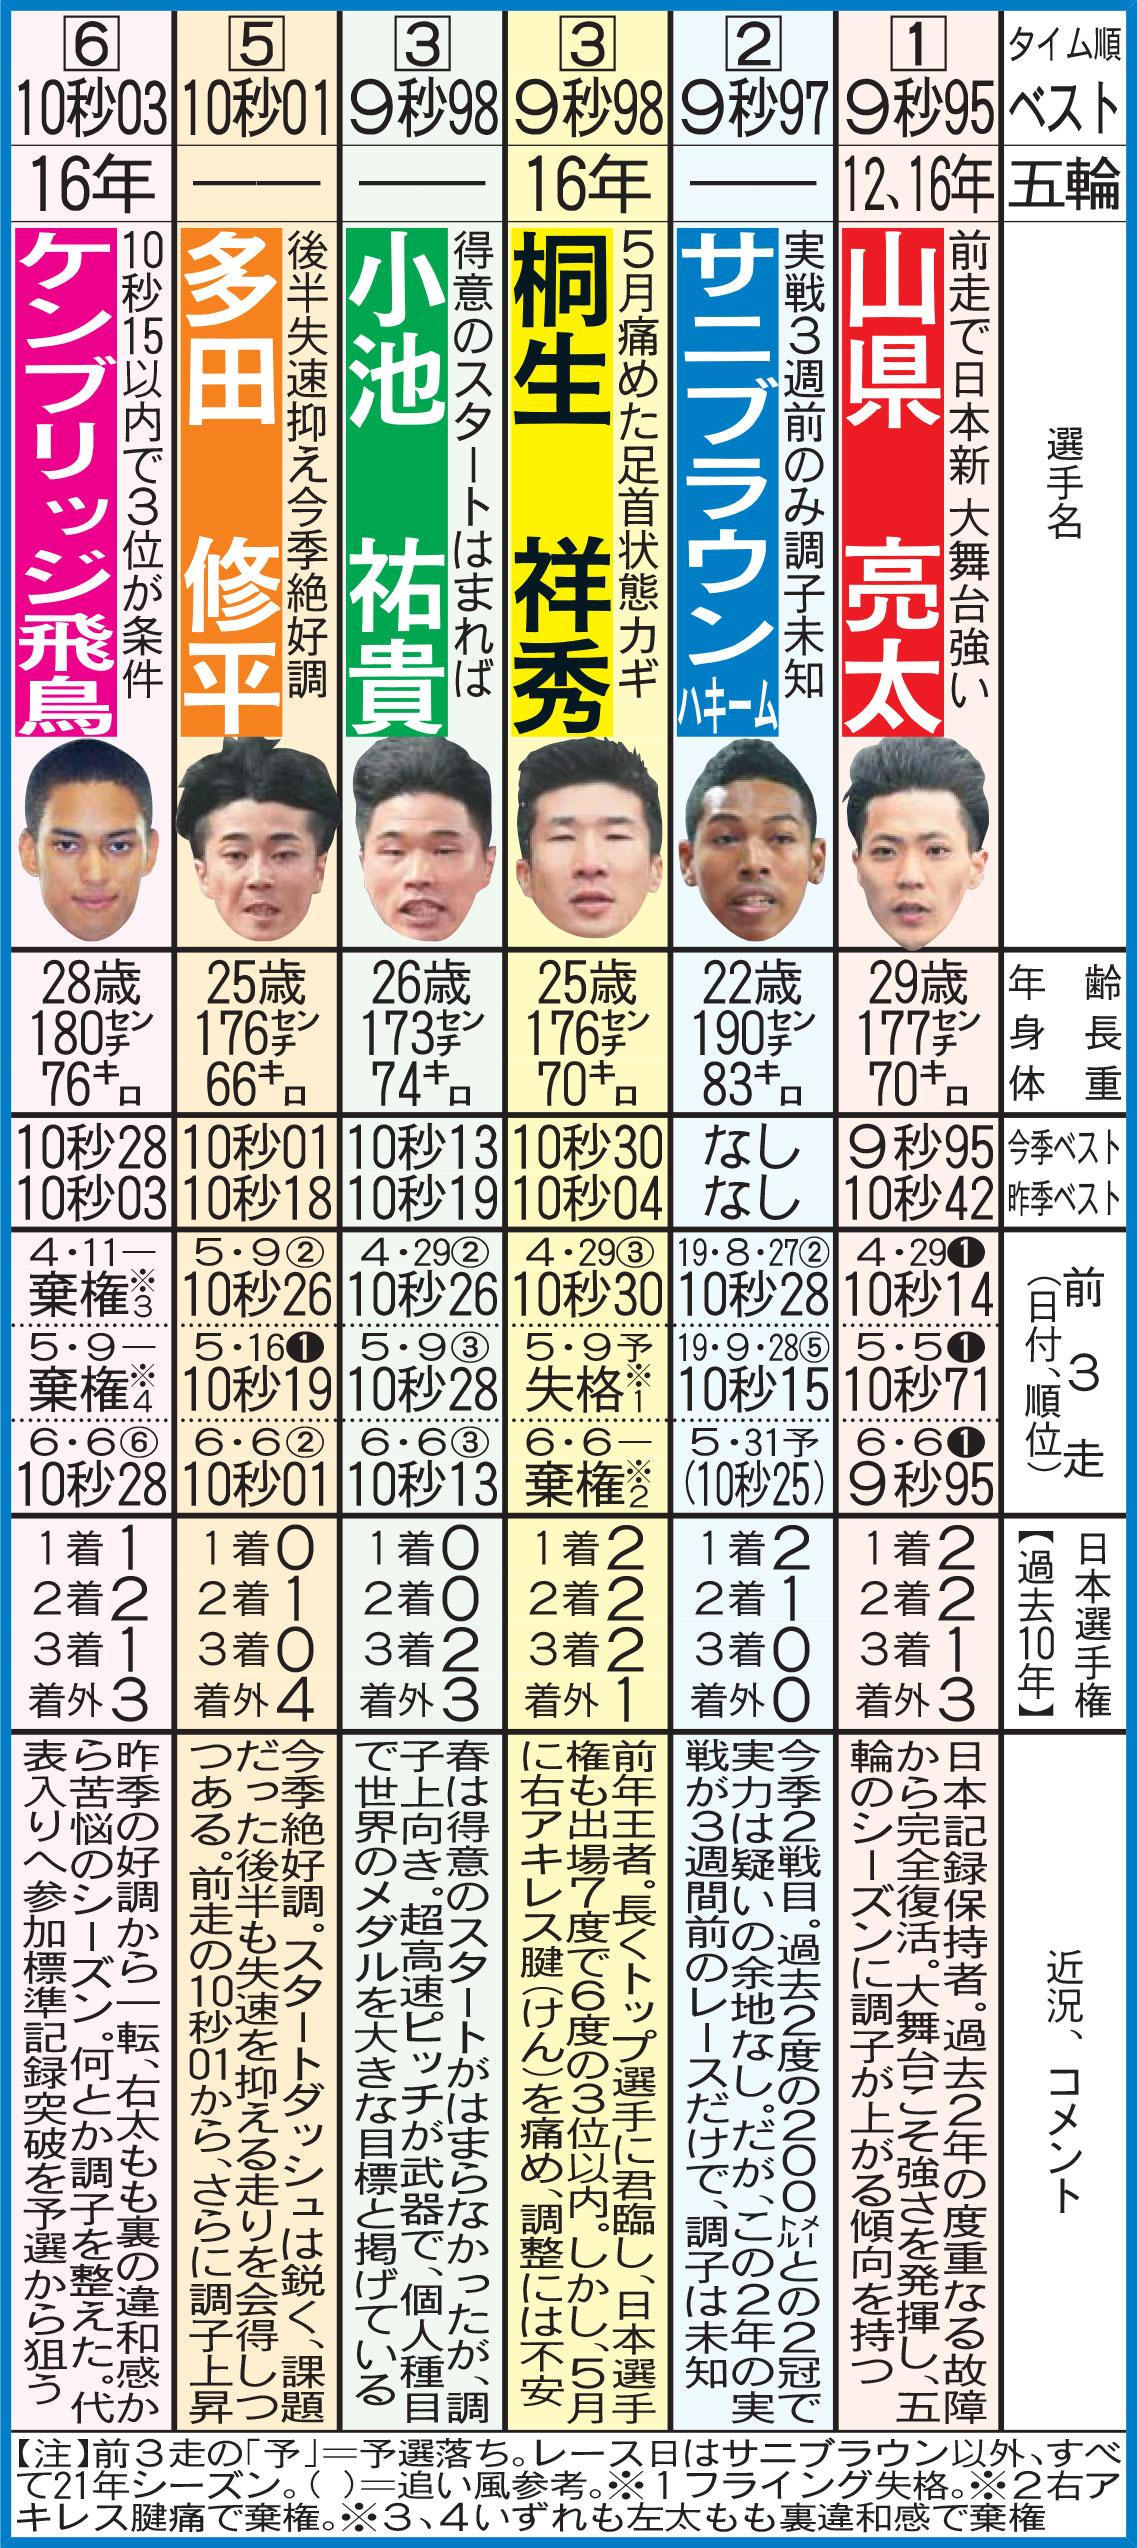 陸上日本選手権男子100メートルに臨む有力選手たち